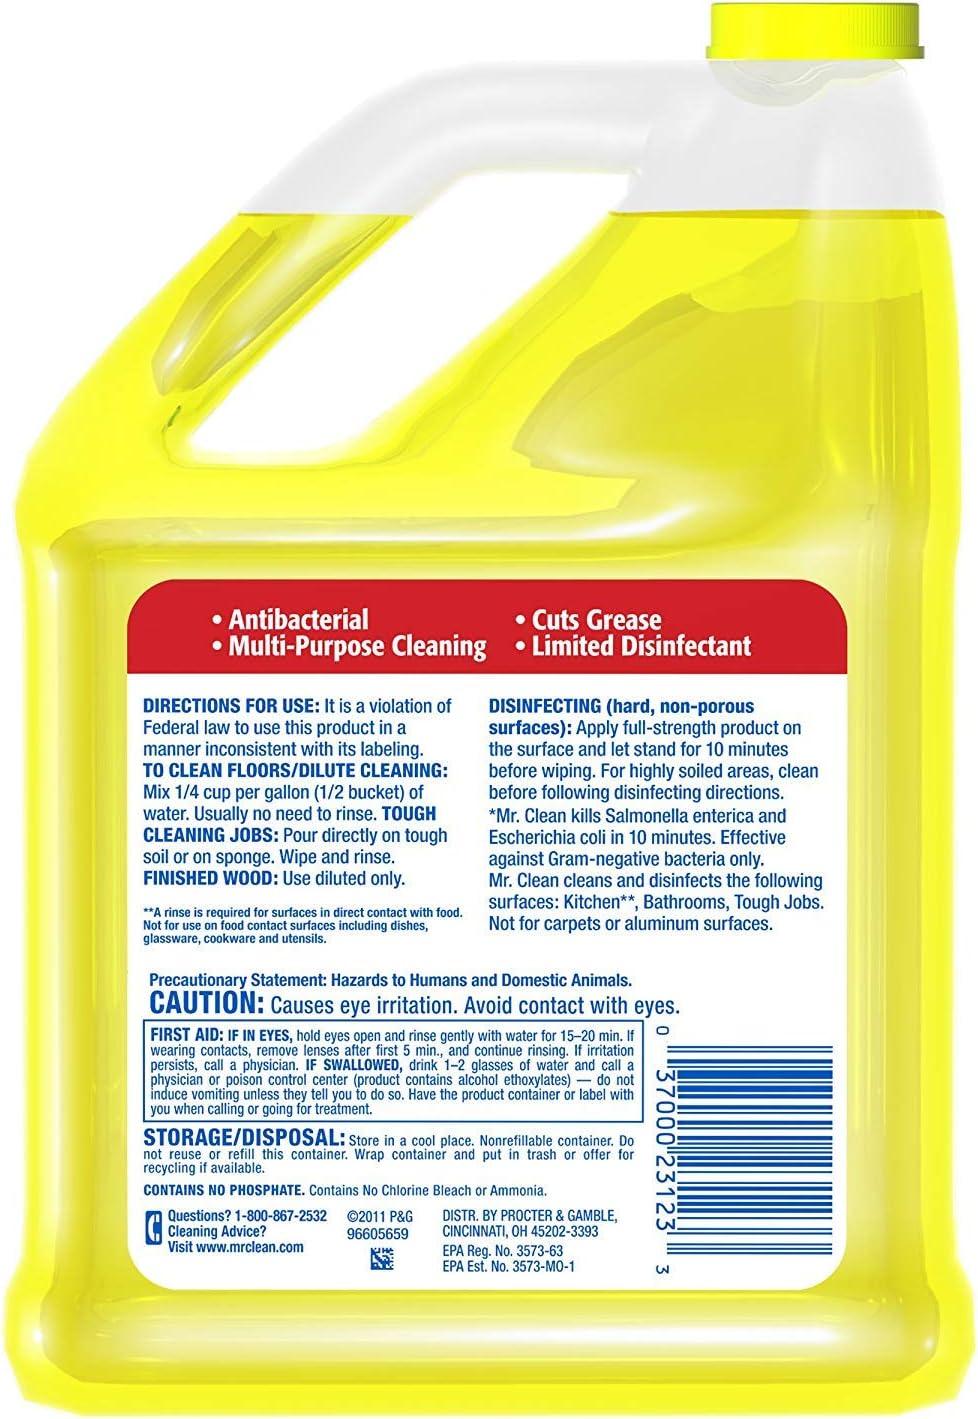 Mr. Clean Summer Citrus Liquid Multi Purpose Cleaner, 176 Fl.Oz / 5.2 L: Health & Personal Care